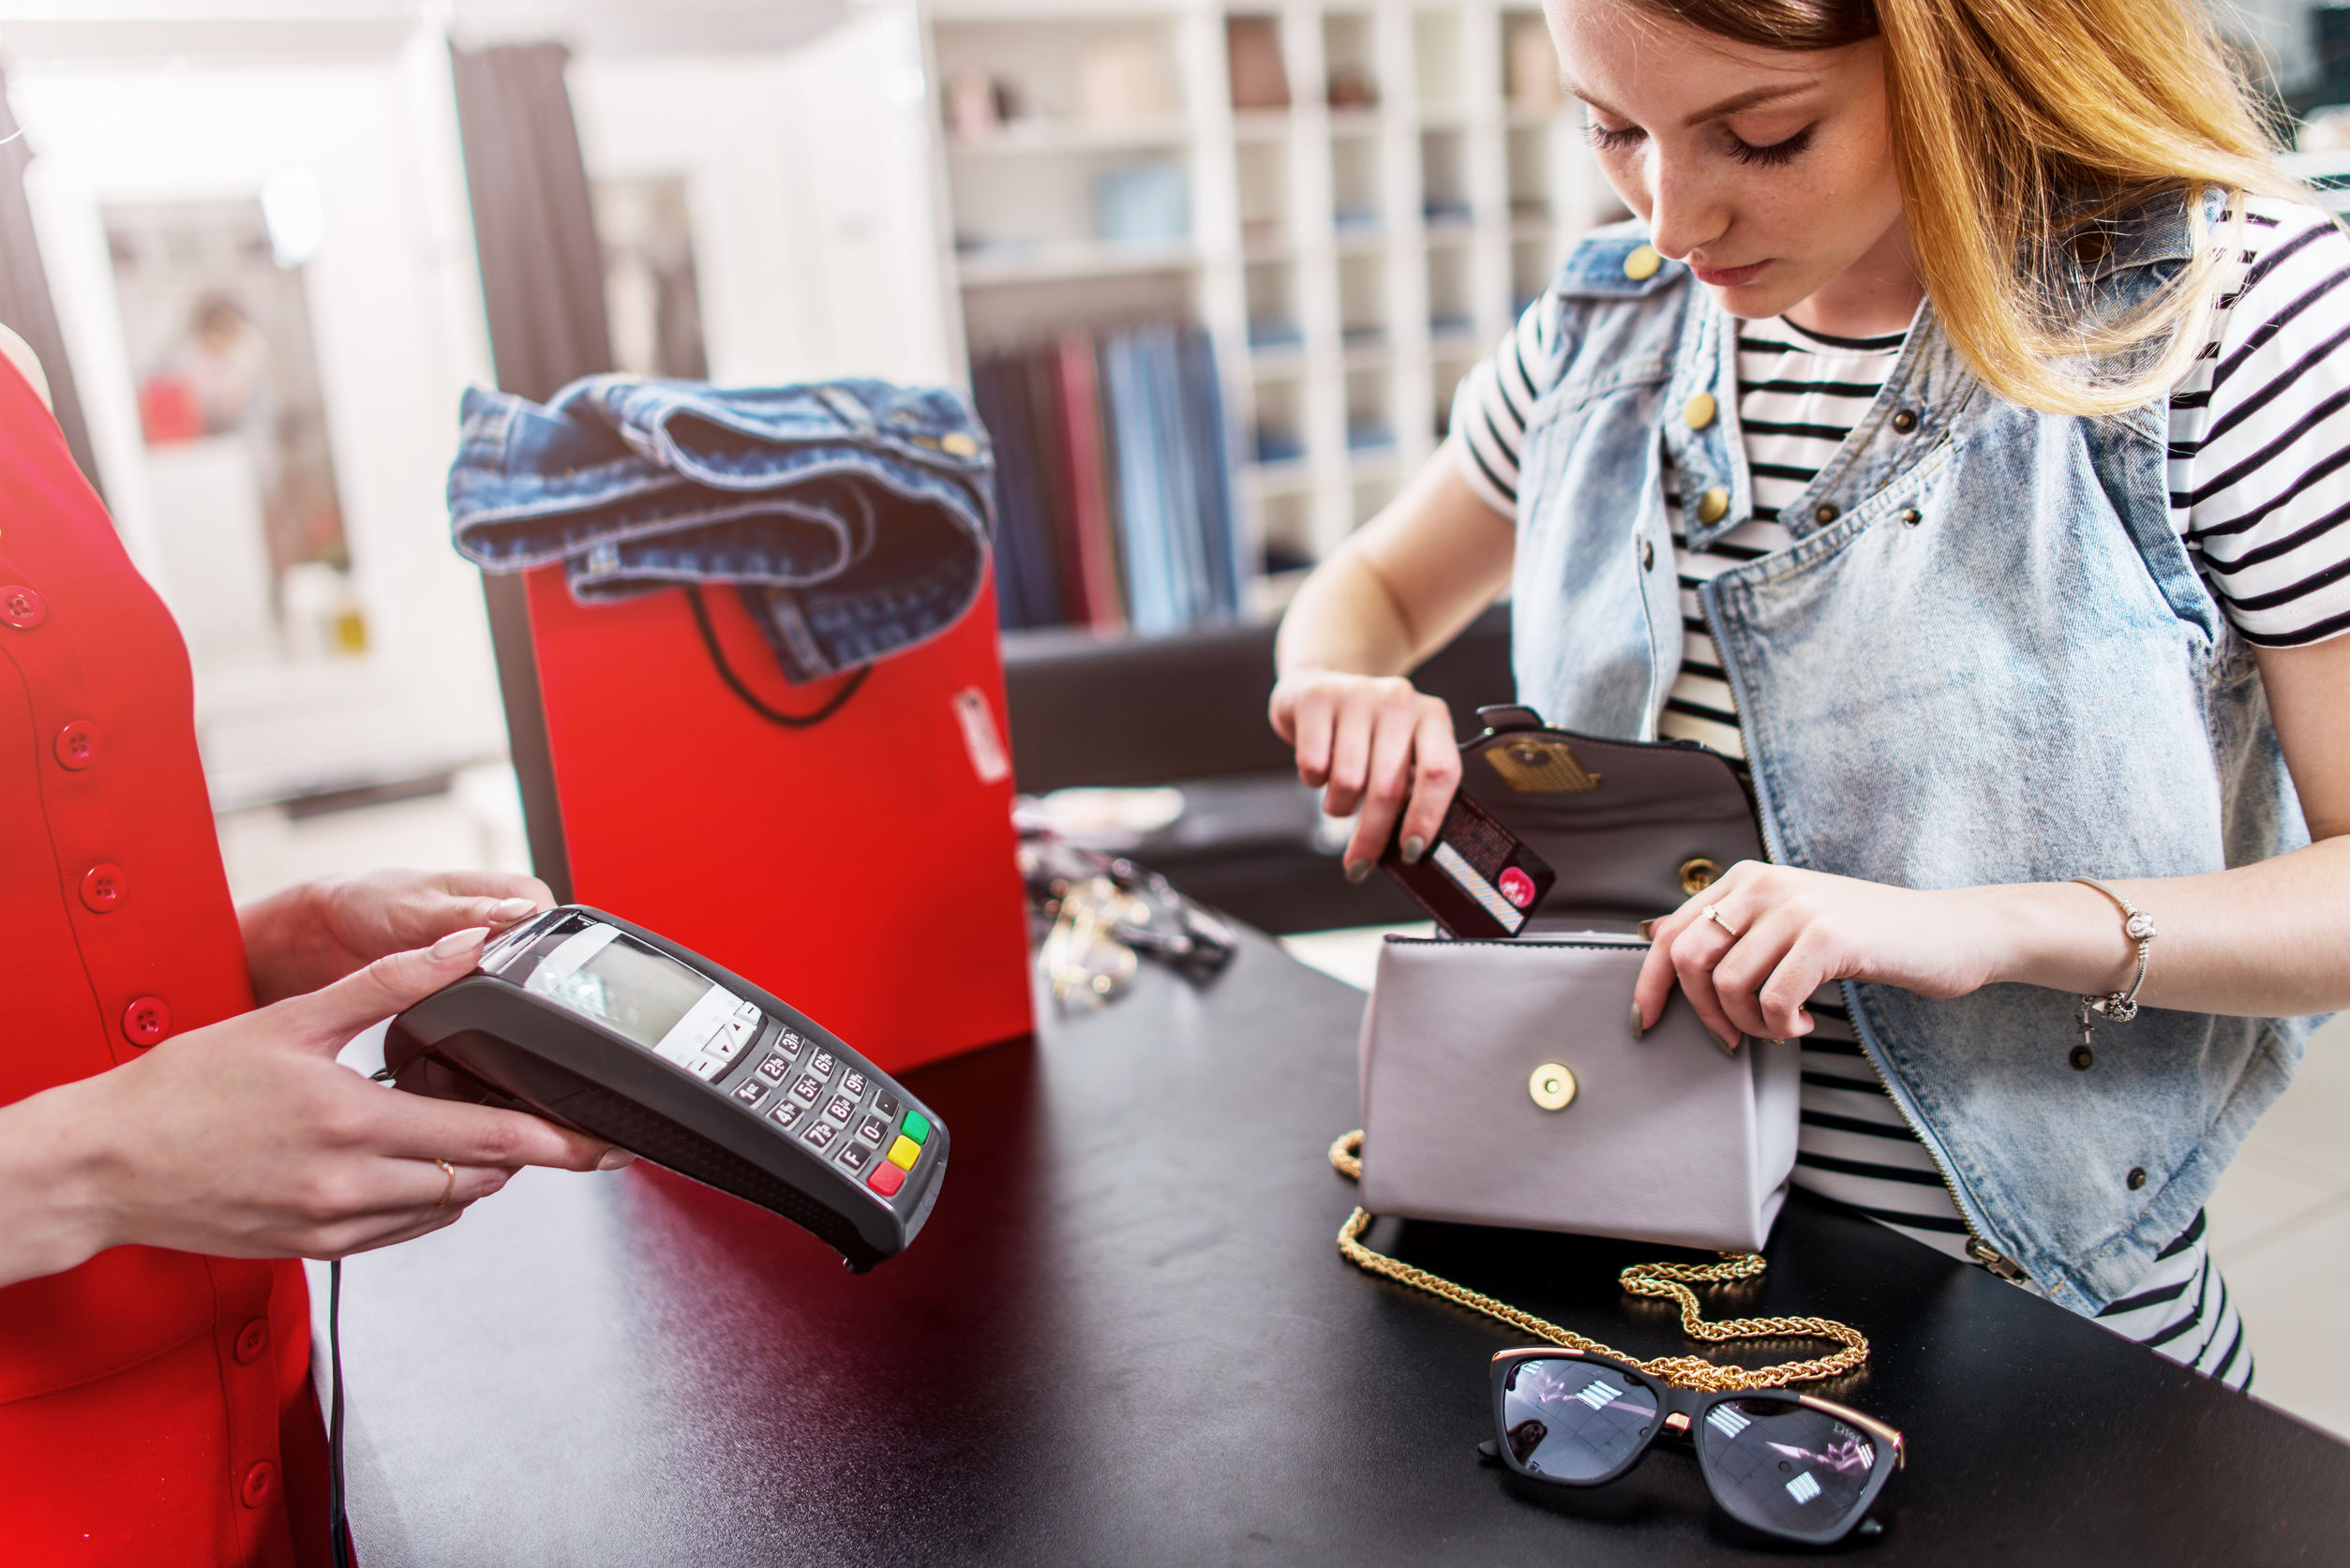 Soutenez les commerces de Montpellier et économisez sur vos achats avec l'application Keetiz !